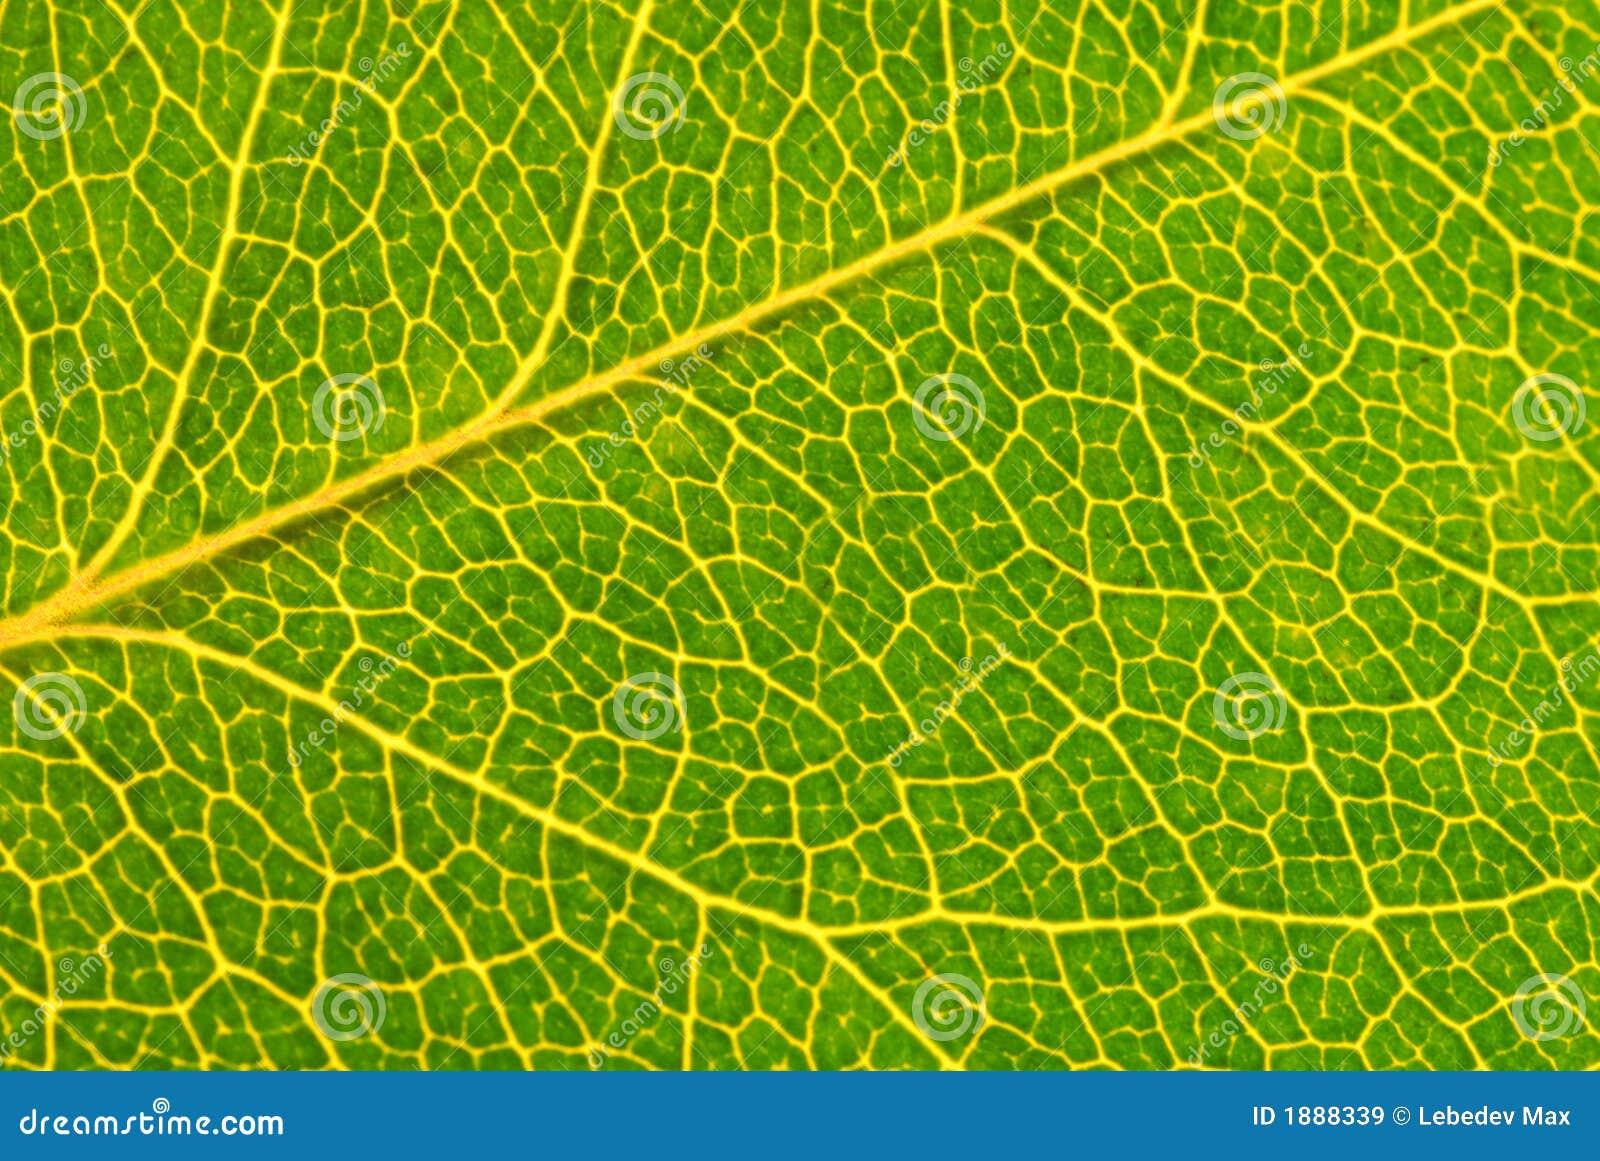 Leaf green macro